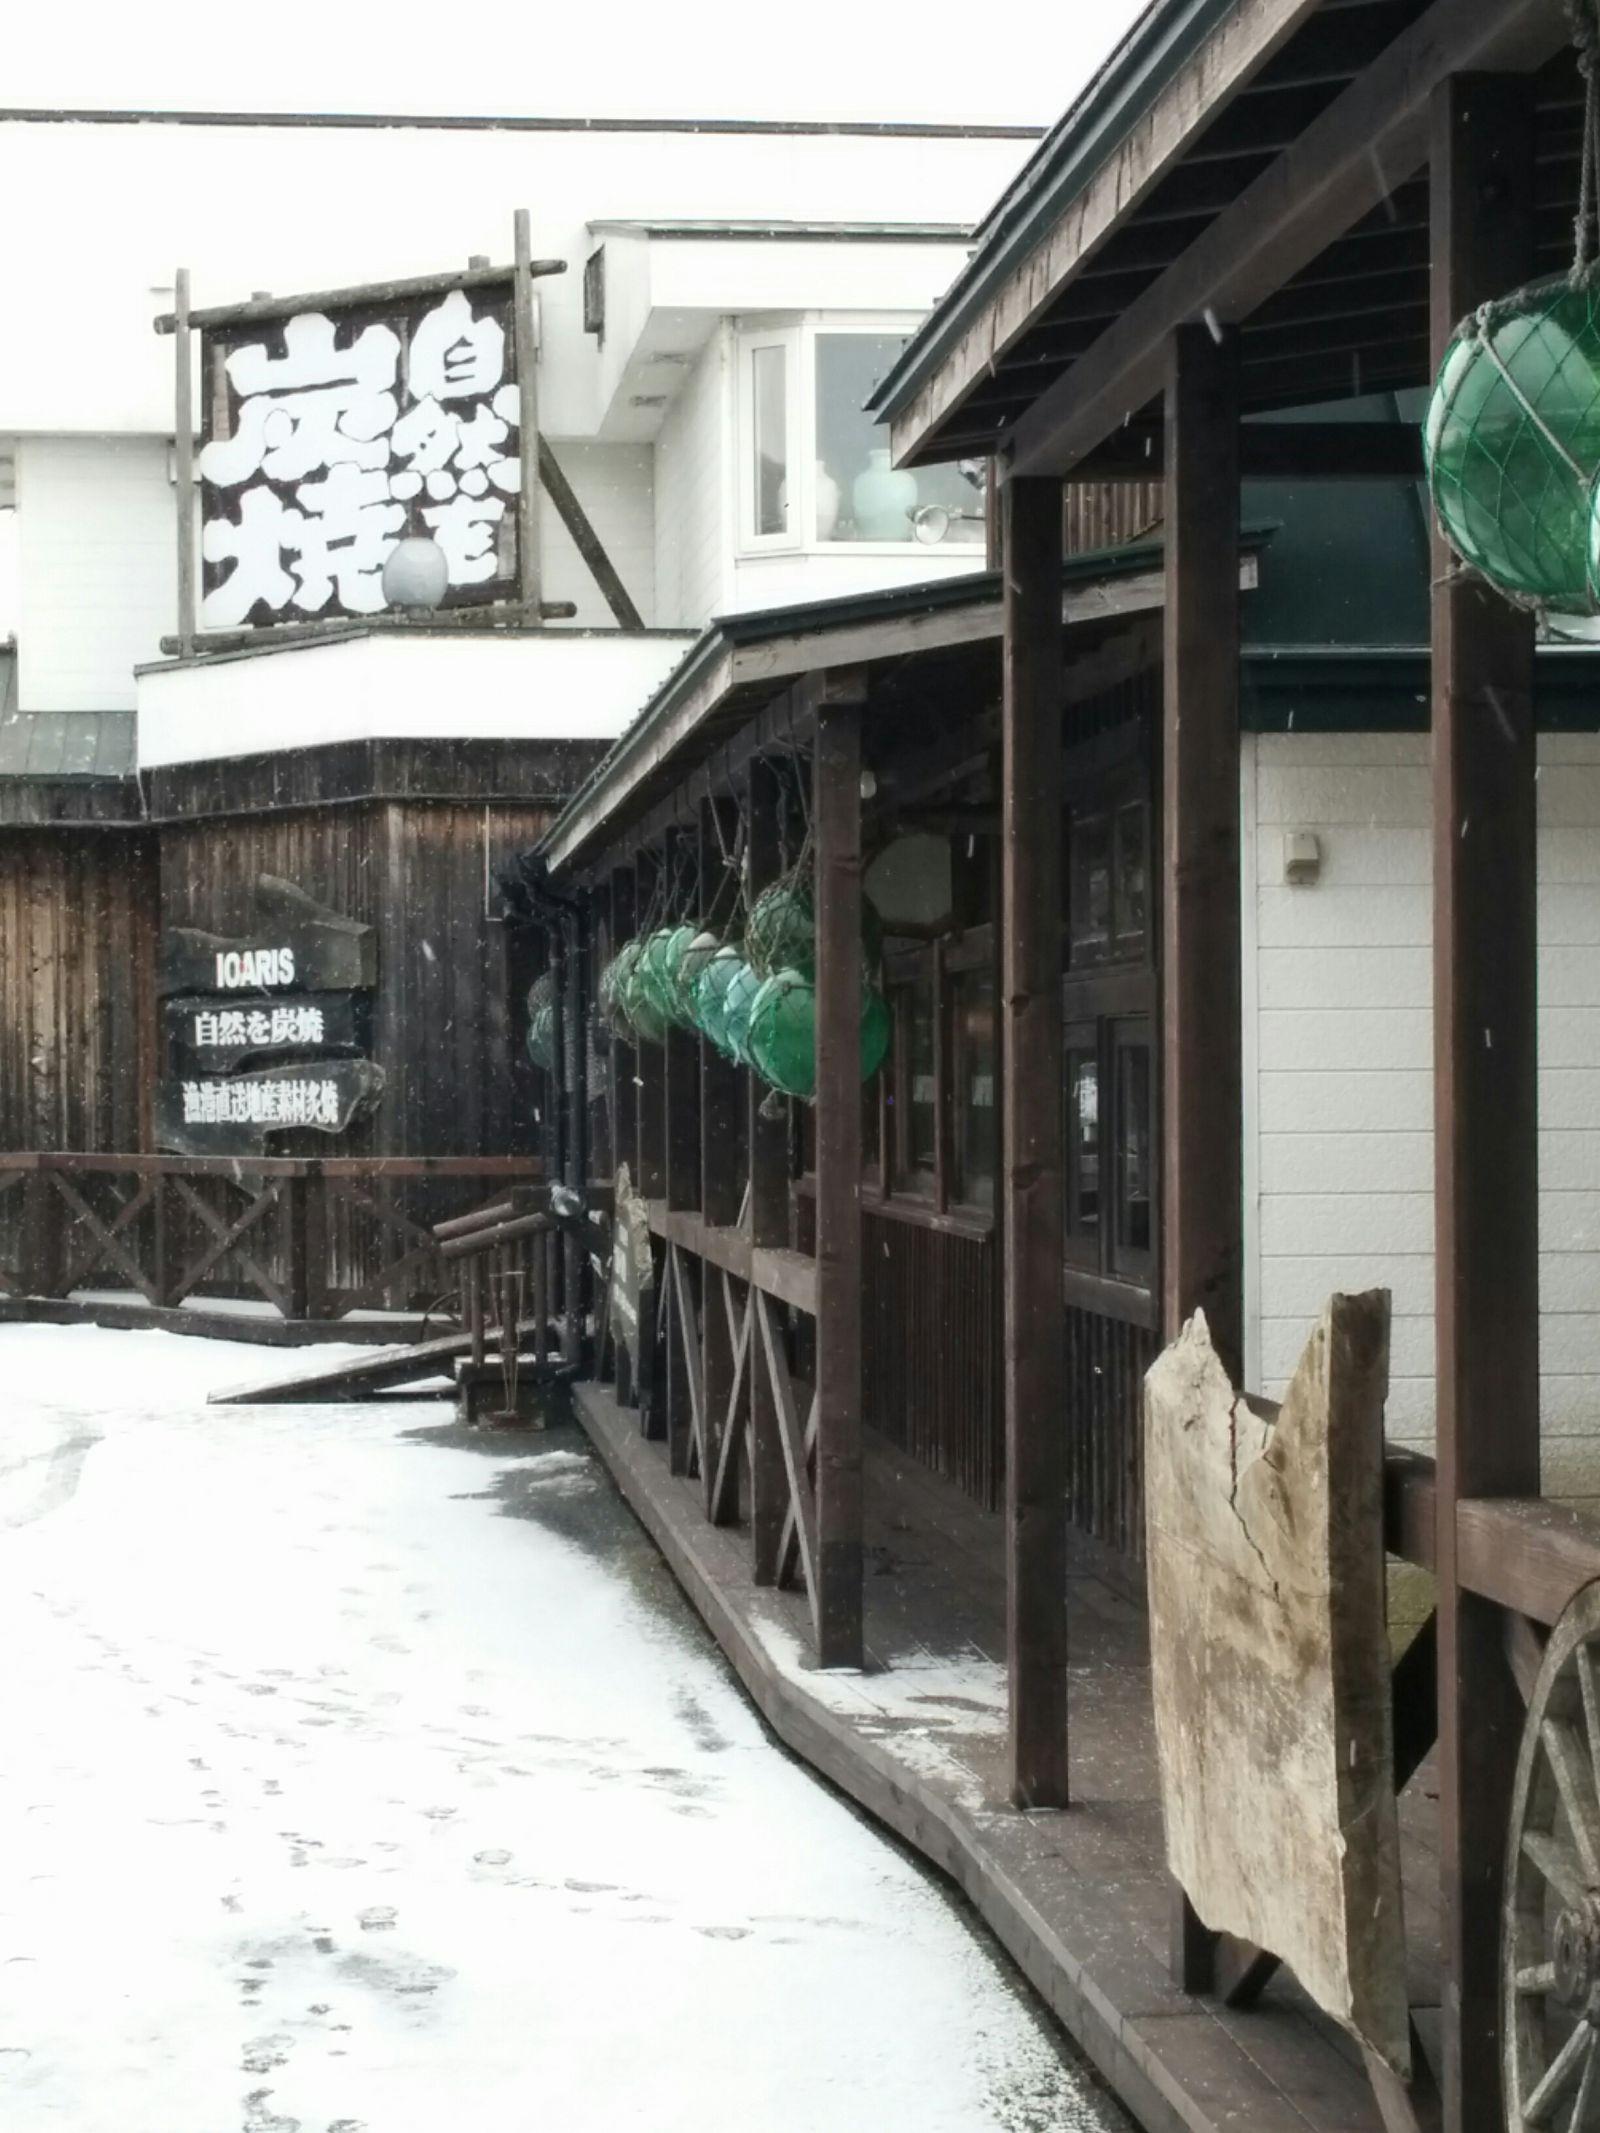 【白老】冬のレストラン北のランプ亭観光グルメ情報